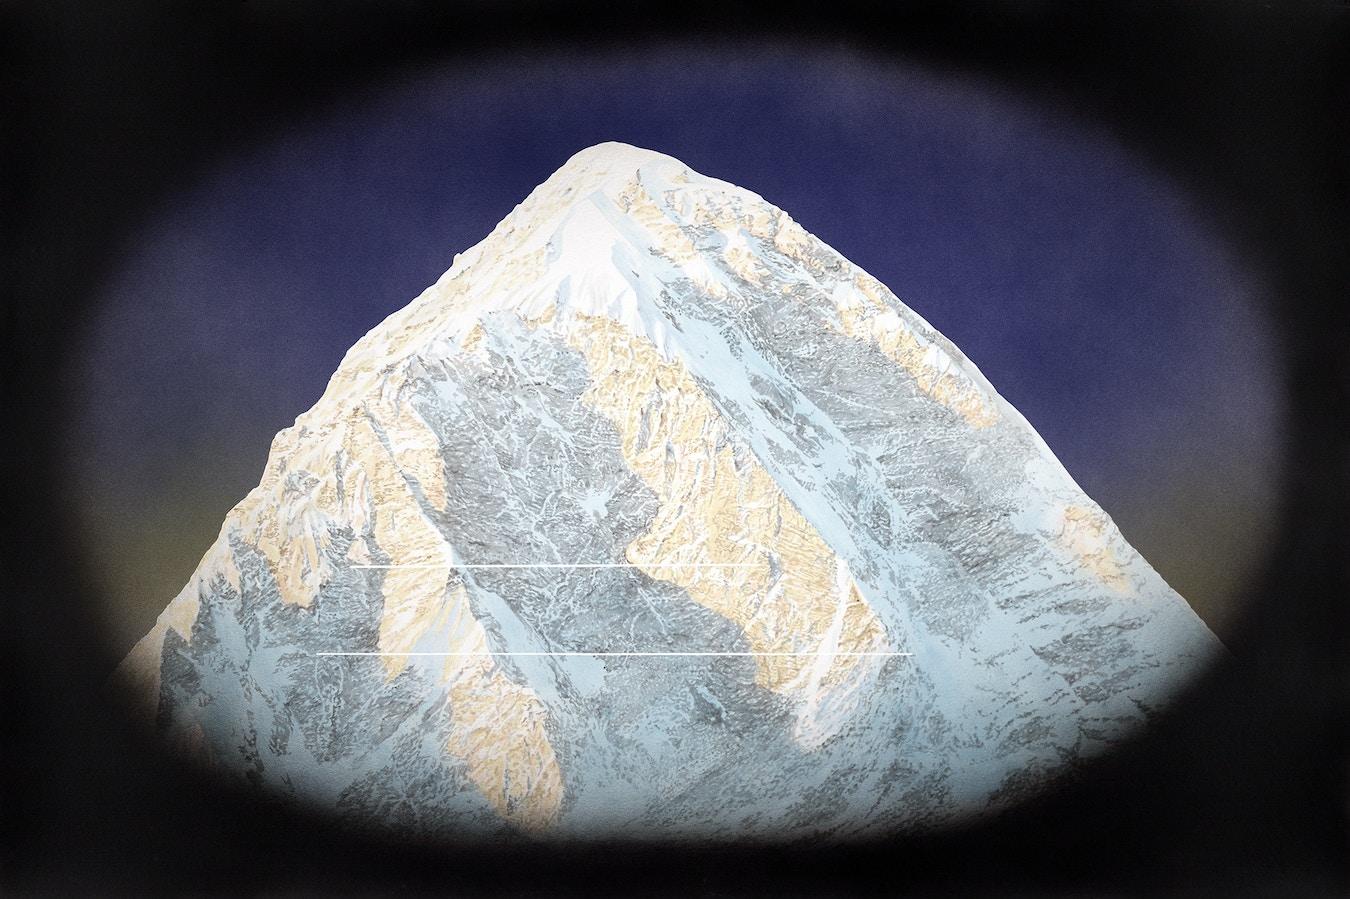 Bilde av en fjelltopp med sort, myk ramme rundt.